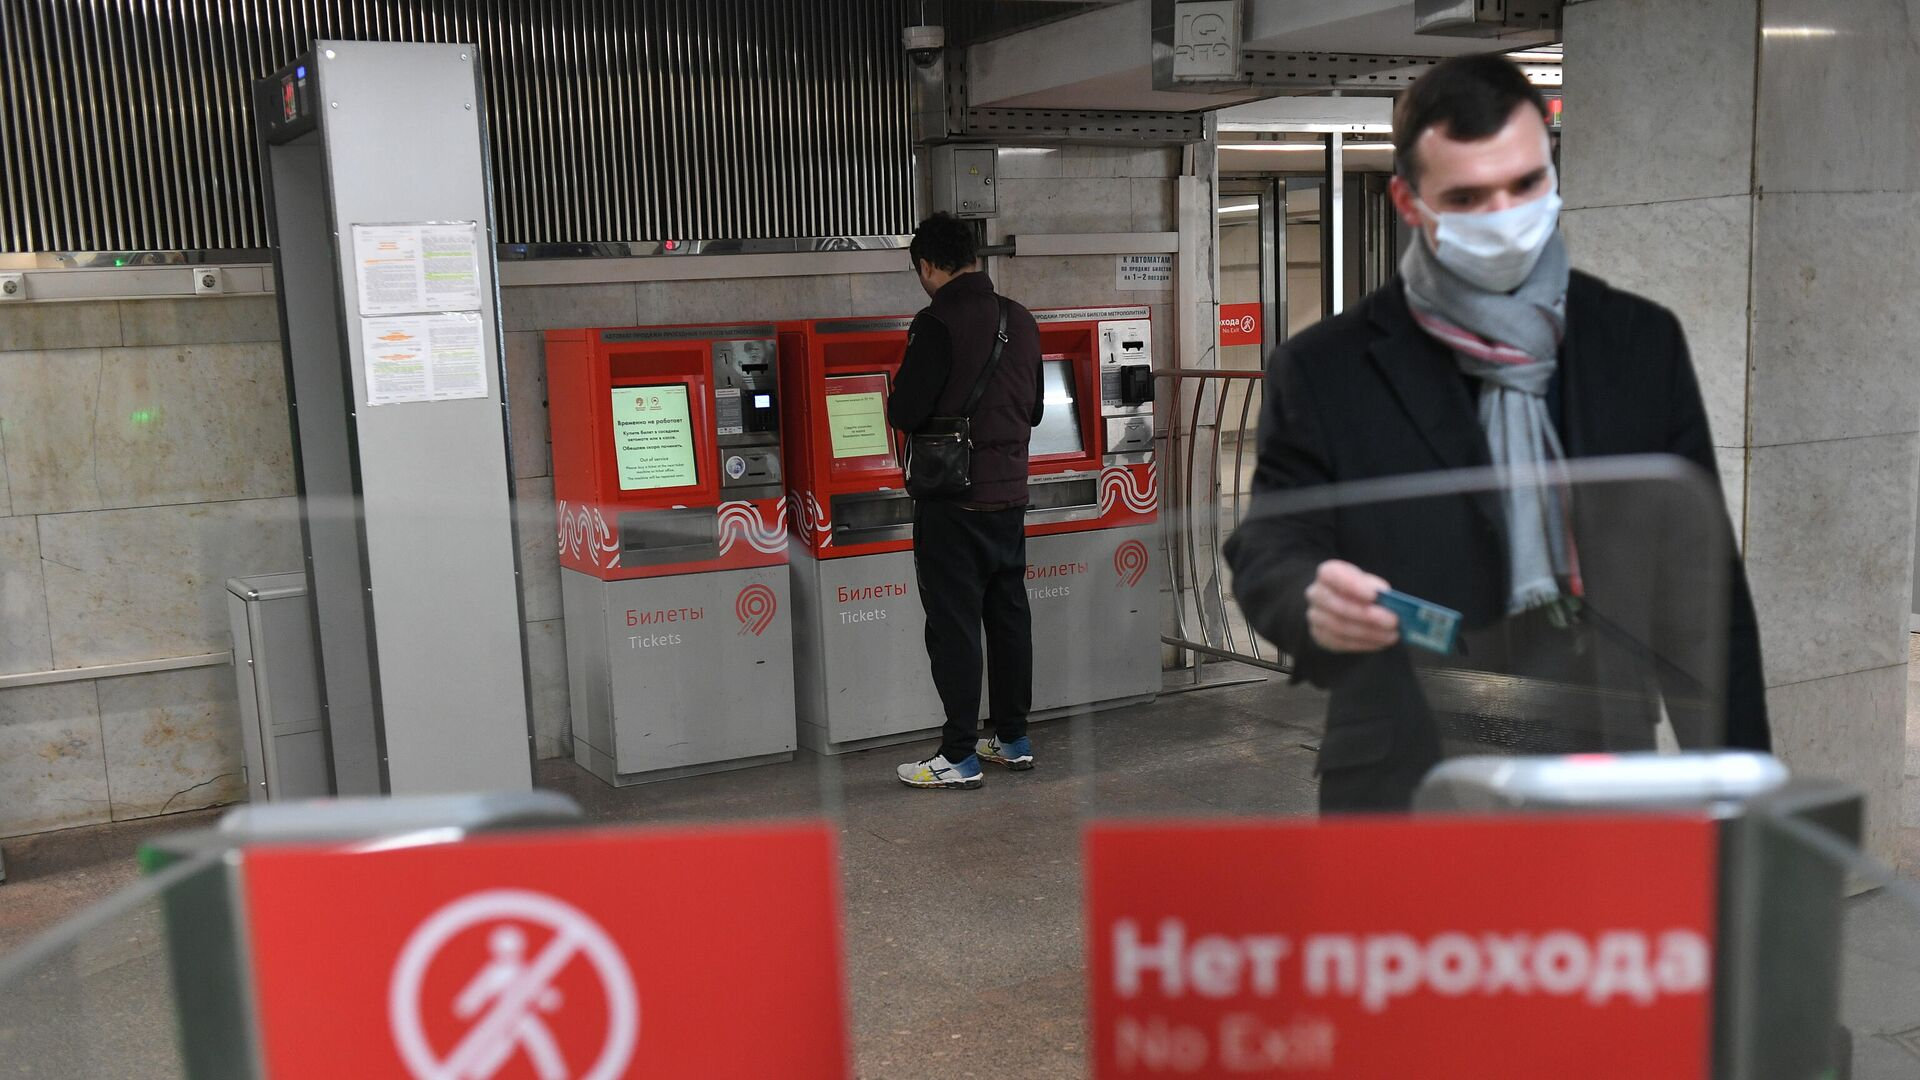 Пассажир проходит турникет на станции метро Сходненская в Москве - РИА Новости, 1920, 31.07.2021